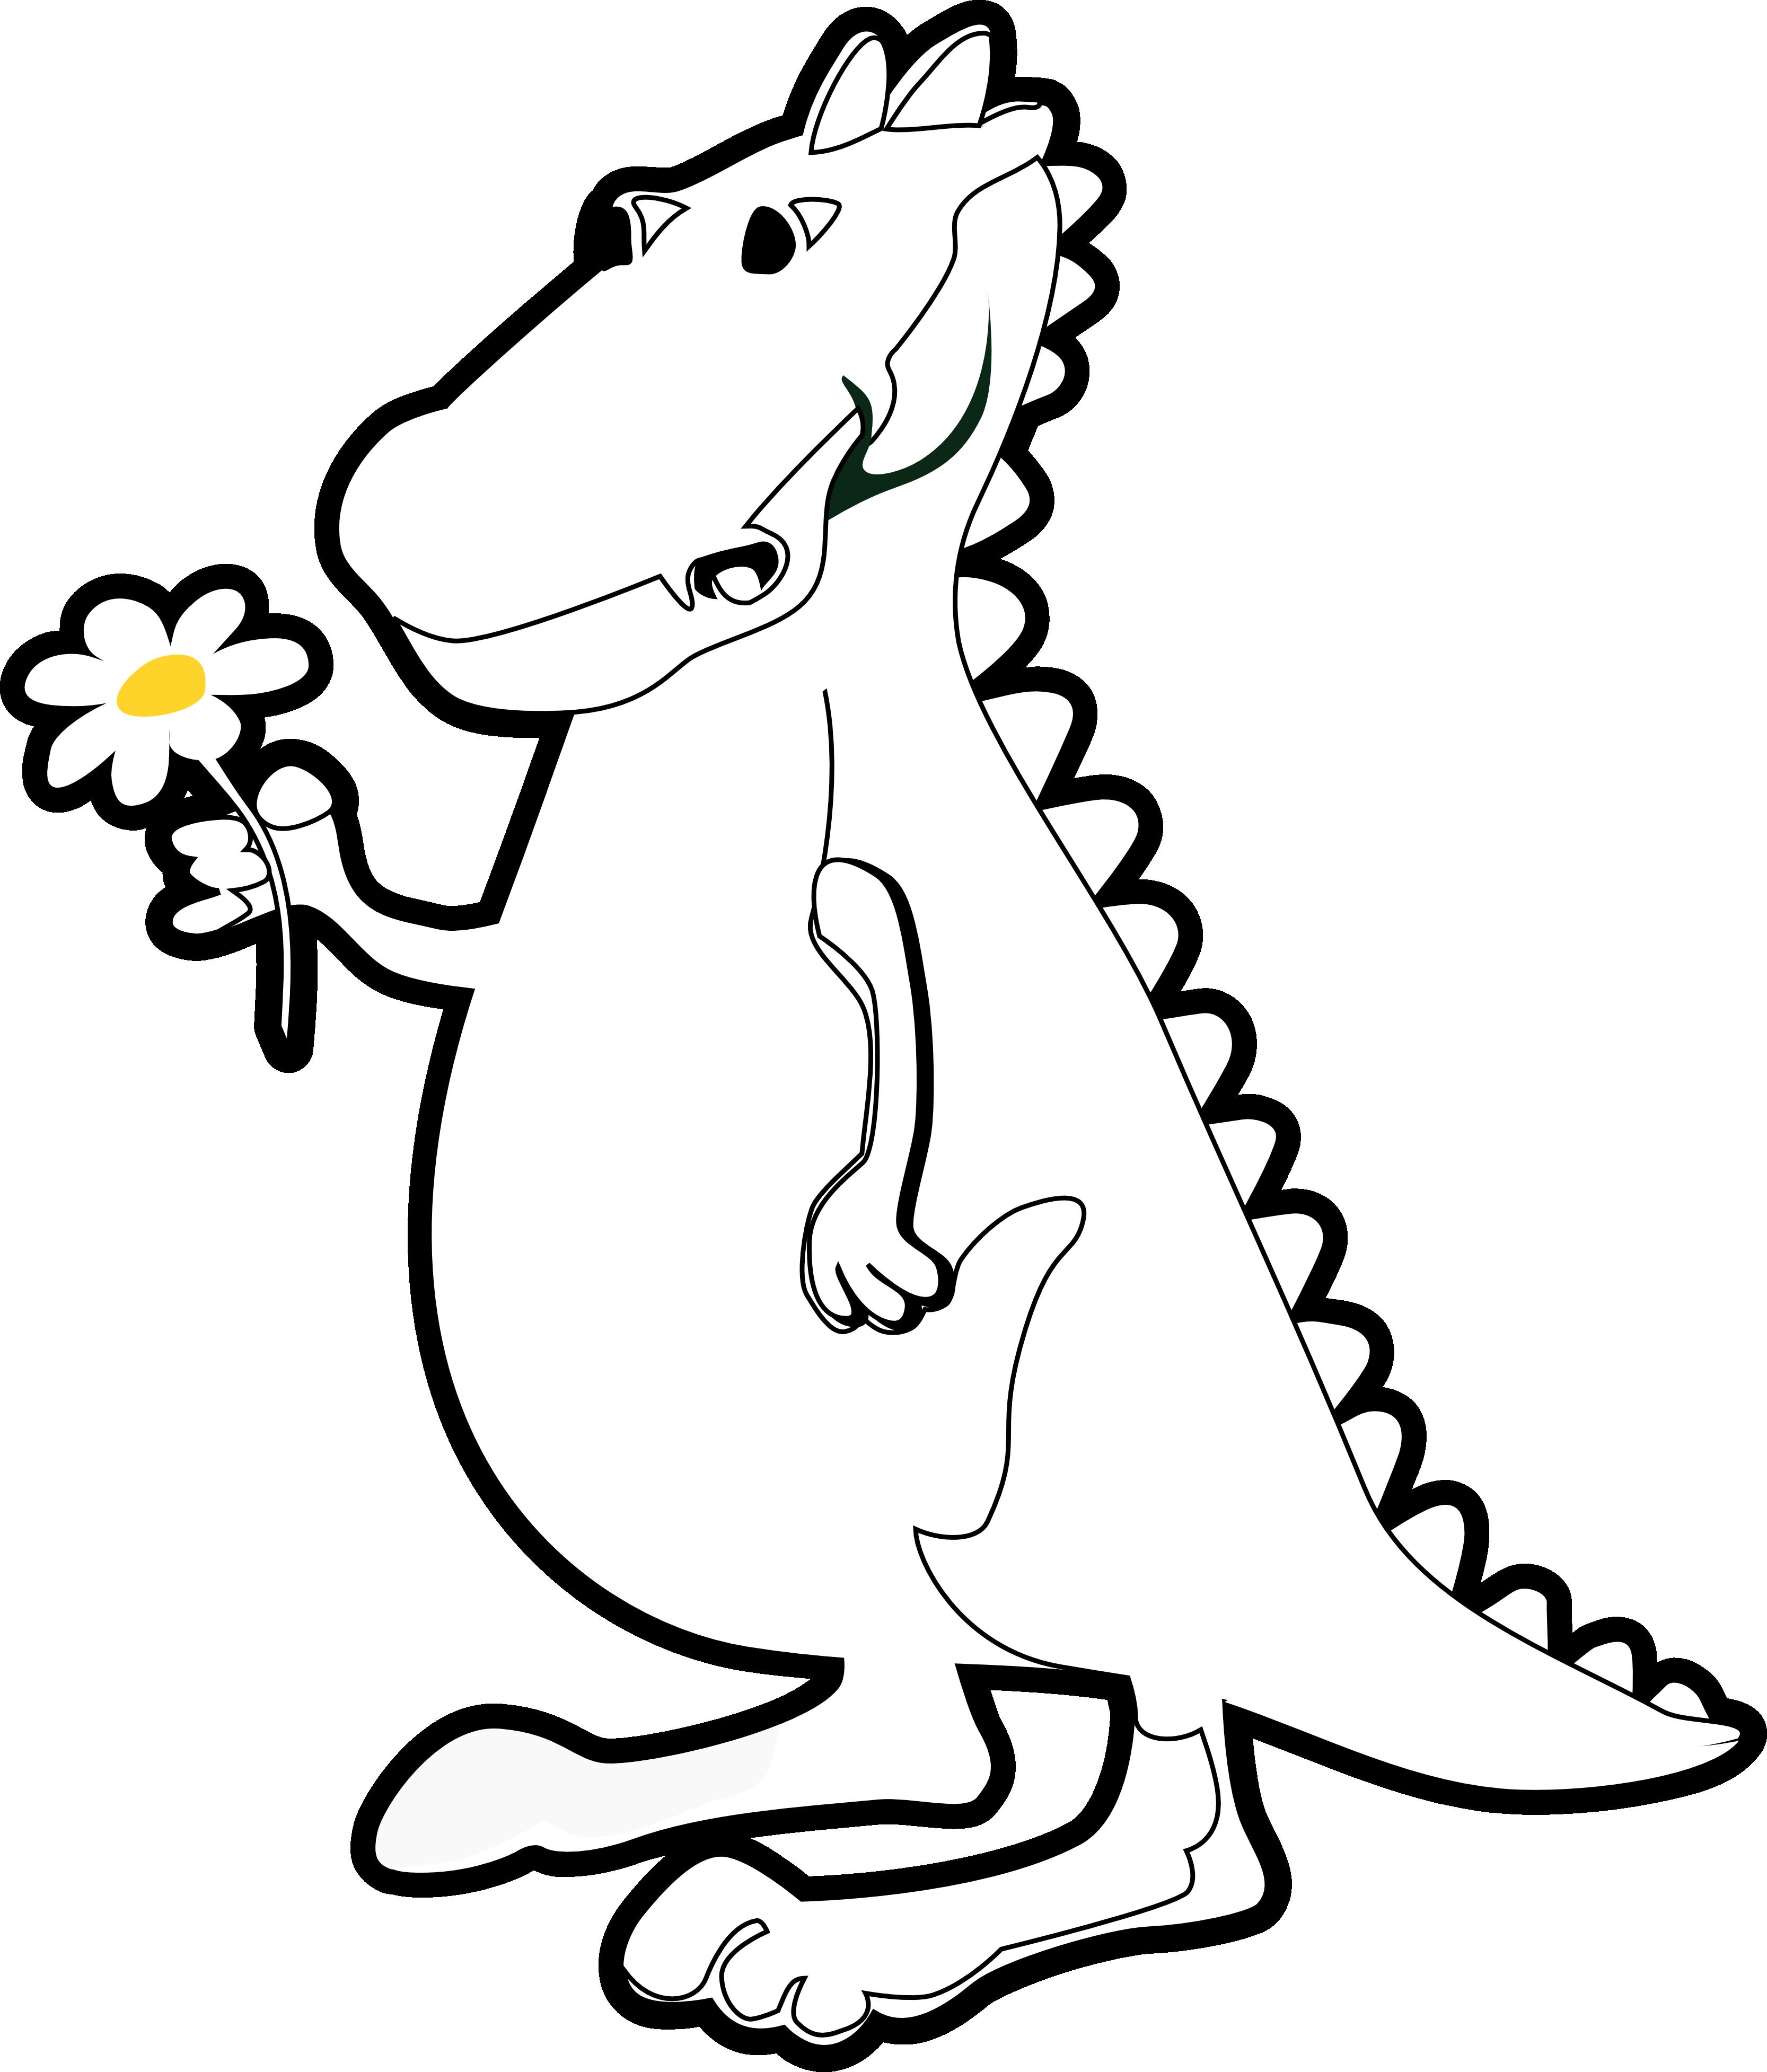 Dinosaurs cartoon drawing at. Wagon clipart coloring page